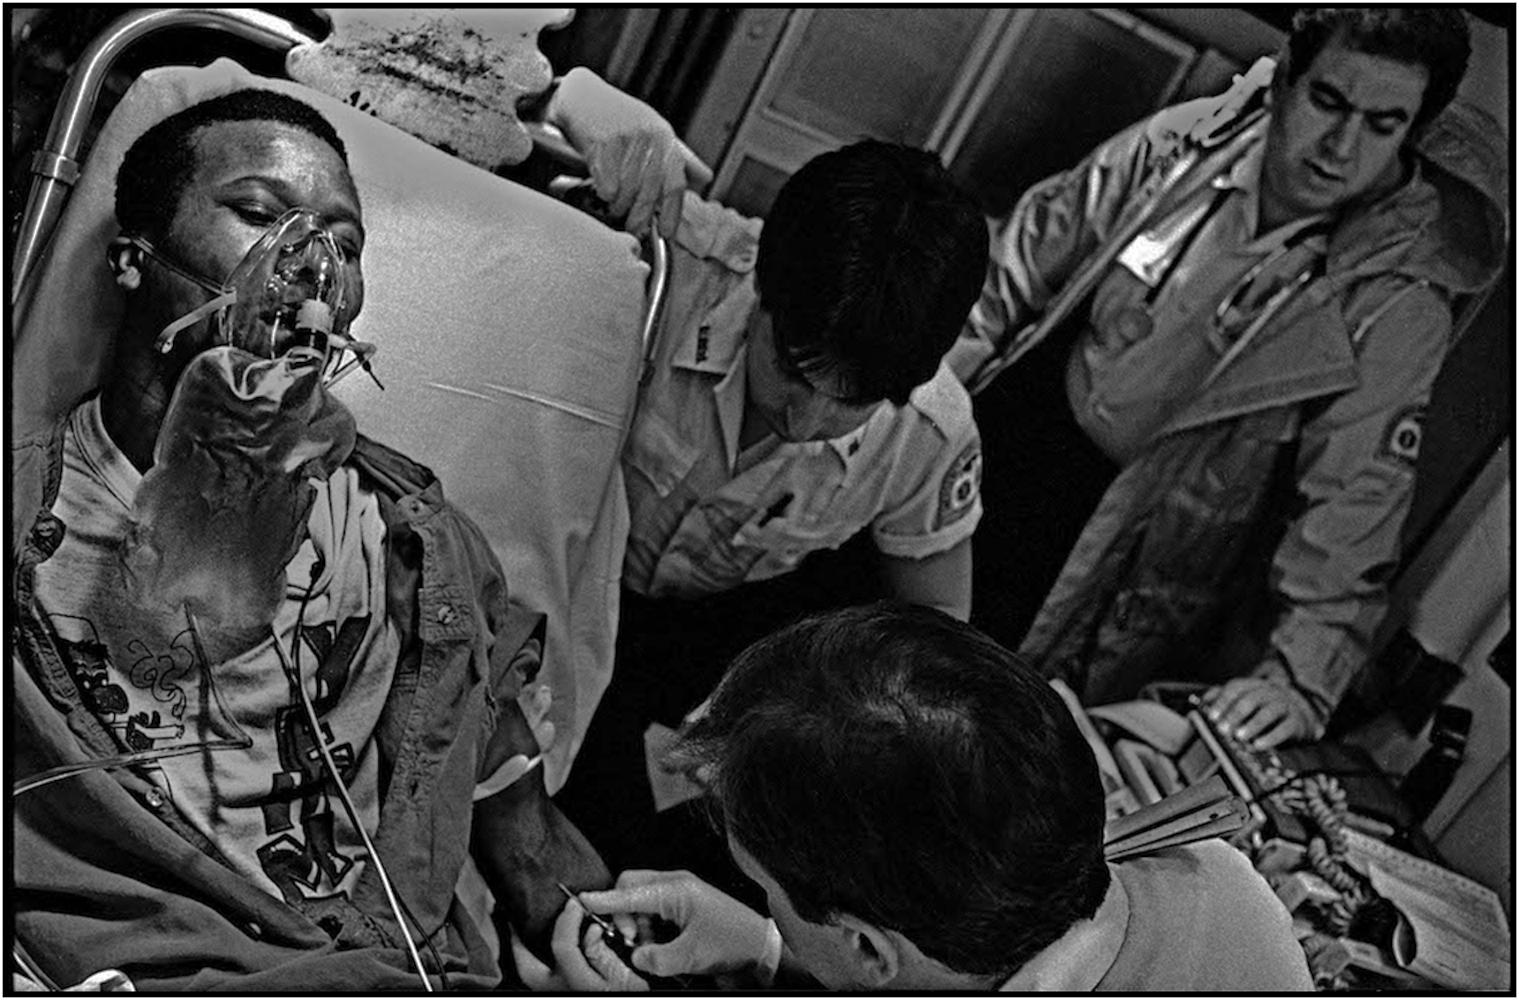 EMS paramedics and technicians, Howard Spielman, Michael Ralmer, and Myra Torres,treat a crack overdose patient. 1991.